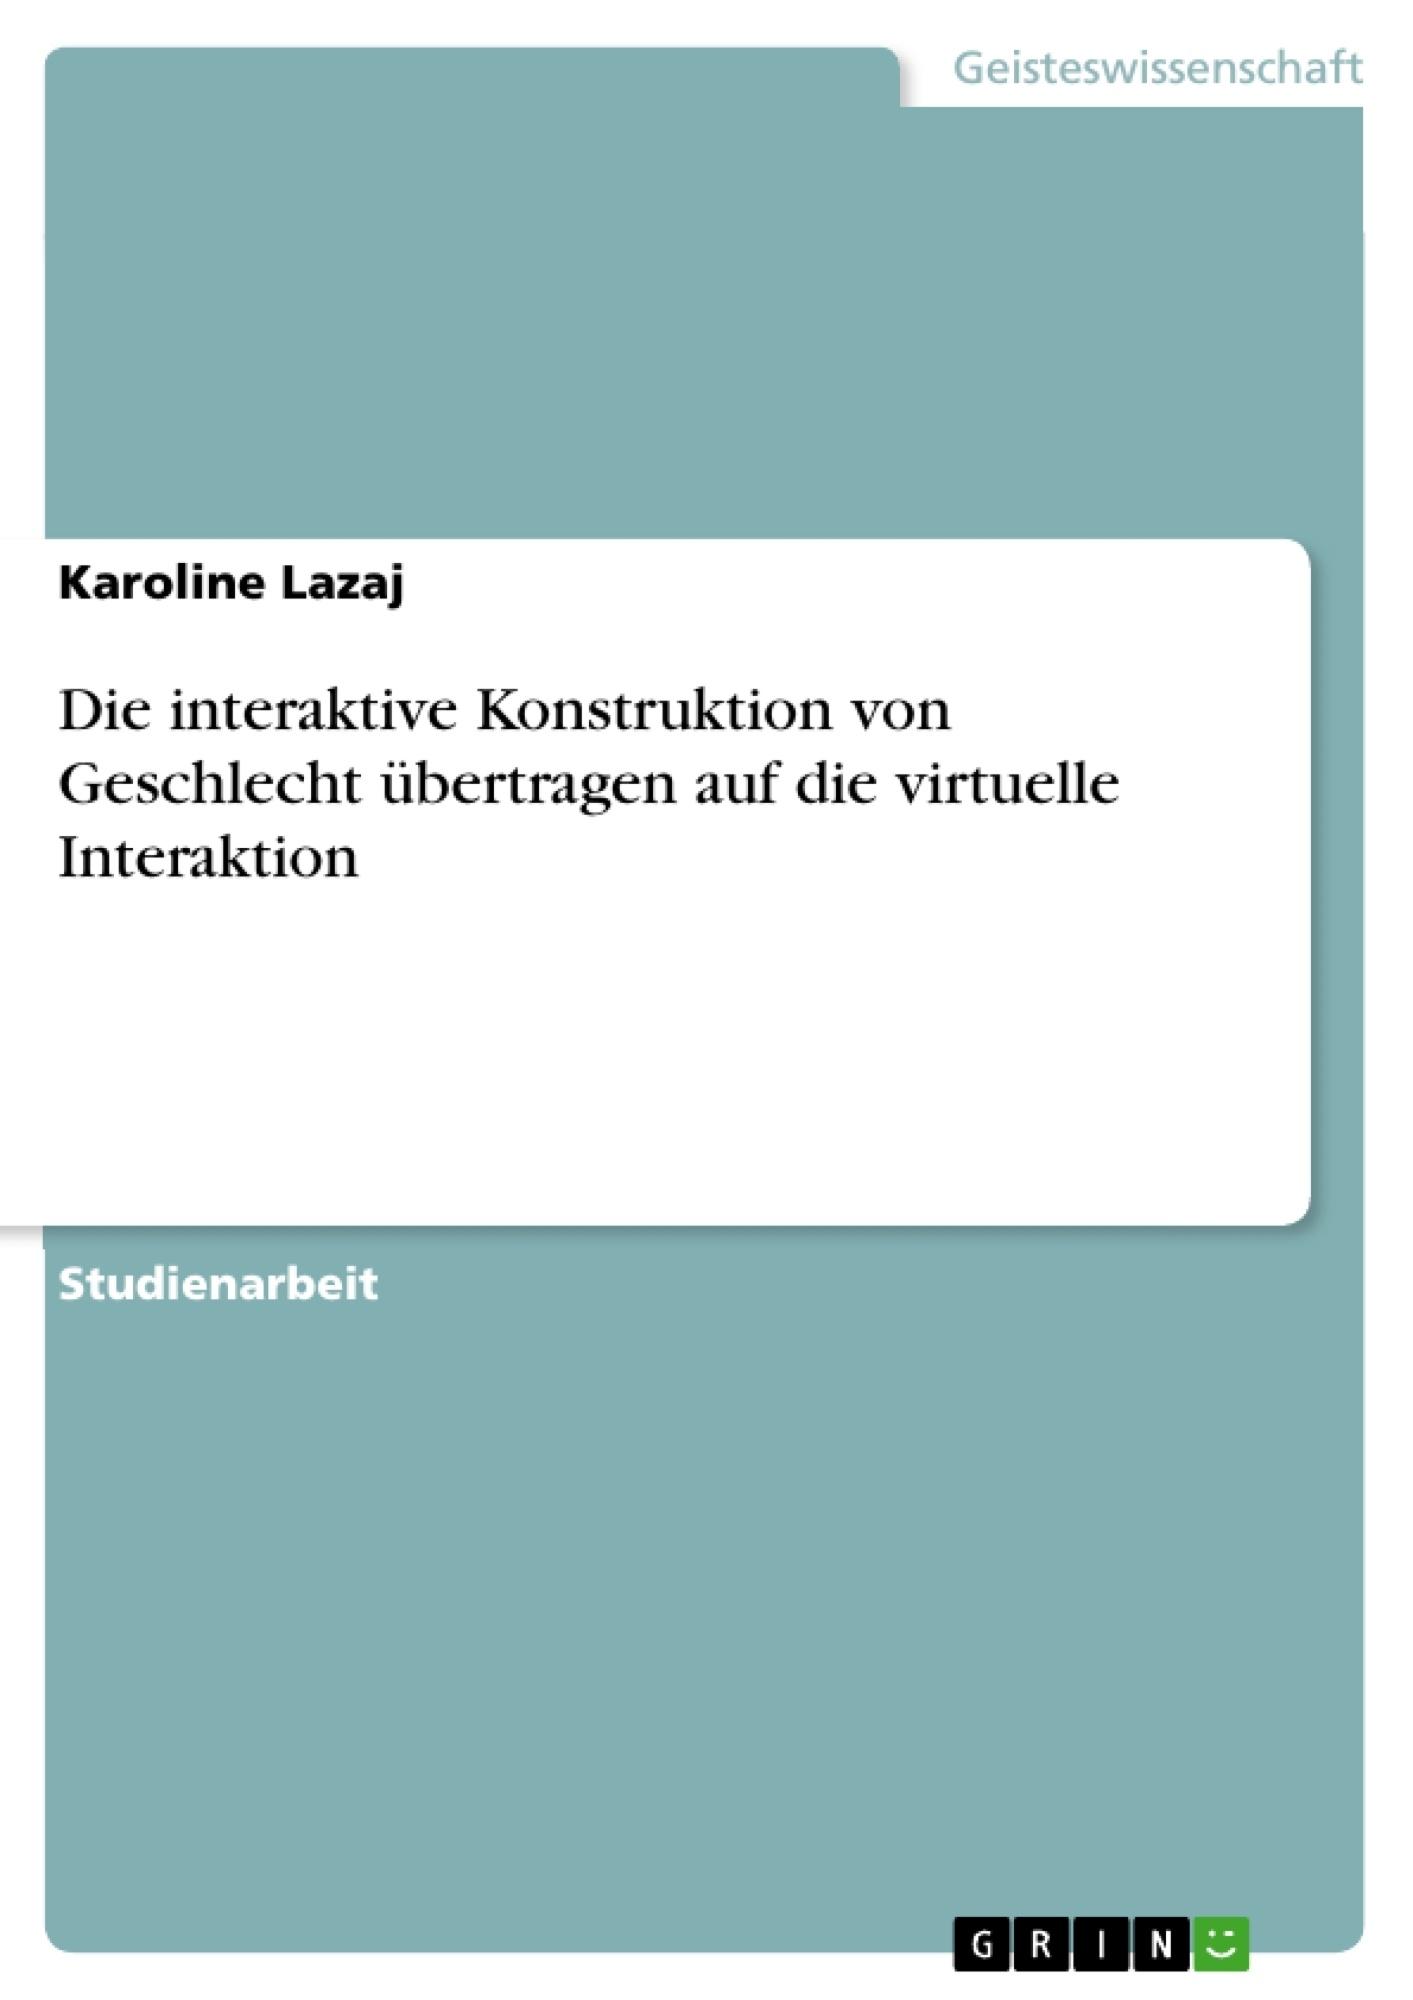 Titel: Die interaktive Konstruktion von Geschlecht übertragen auf die virtuelle Interaktion